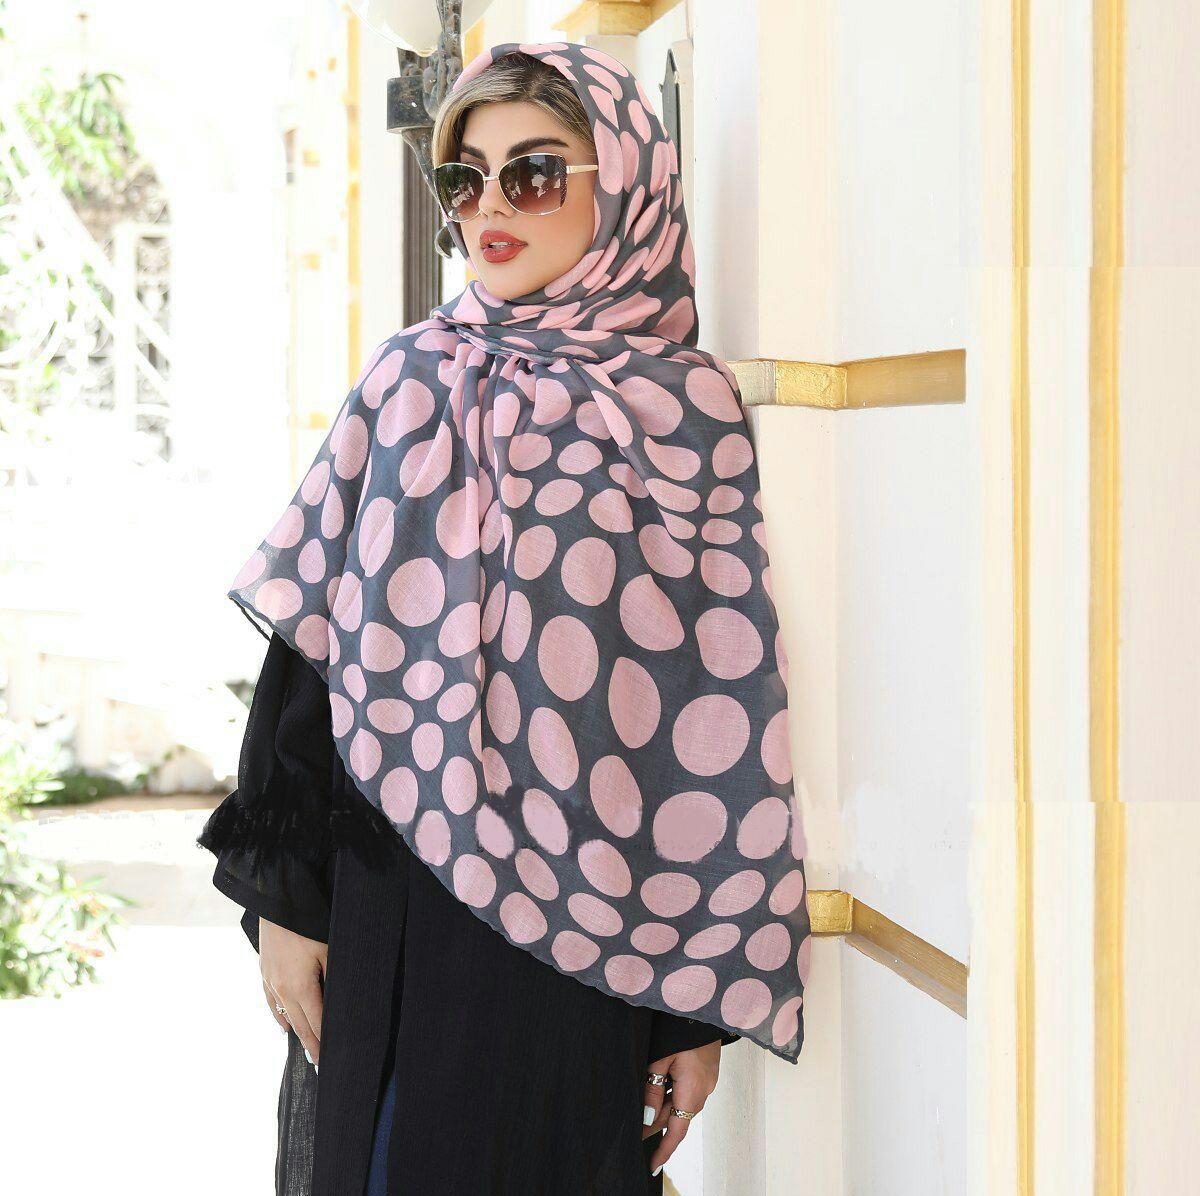 خرید اینترنتی روسری در اصفهان